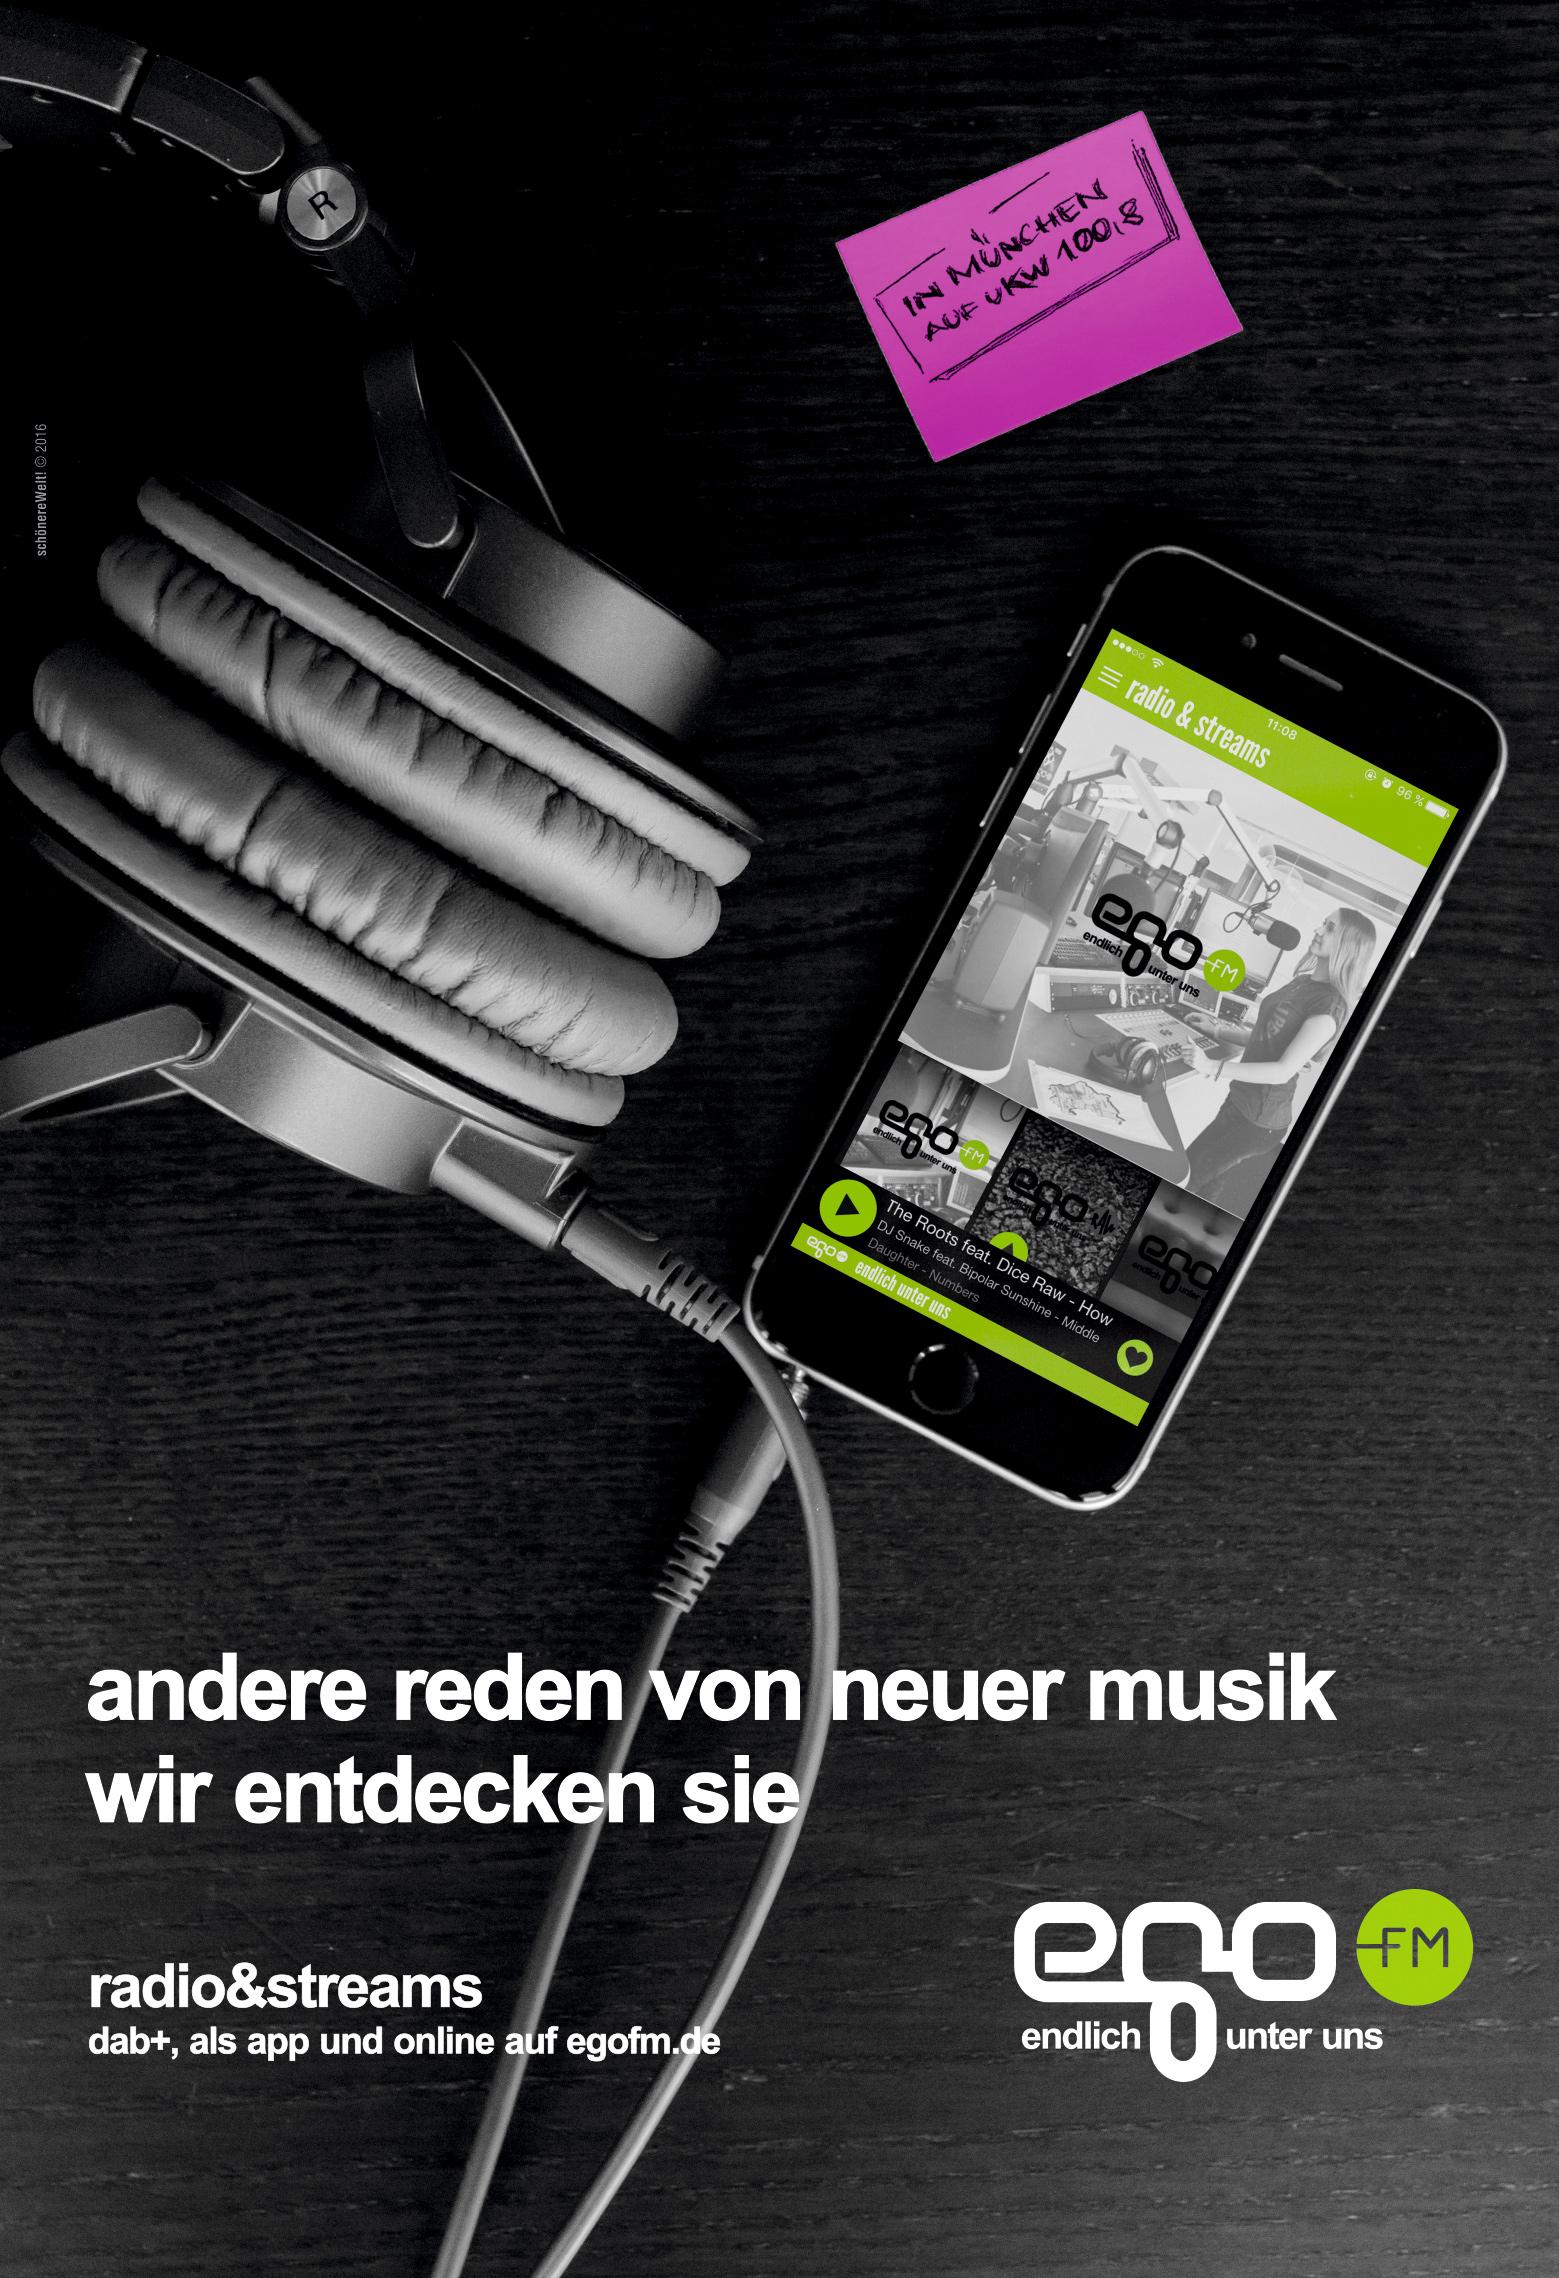 Tisch mit iPhone mit egoFm App Radio & Streams, pinker Postit und Headphones